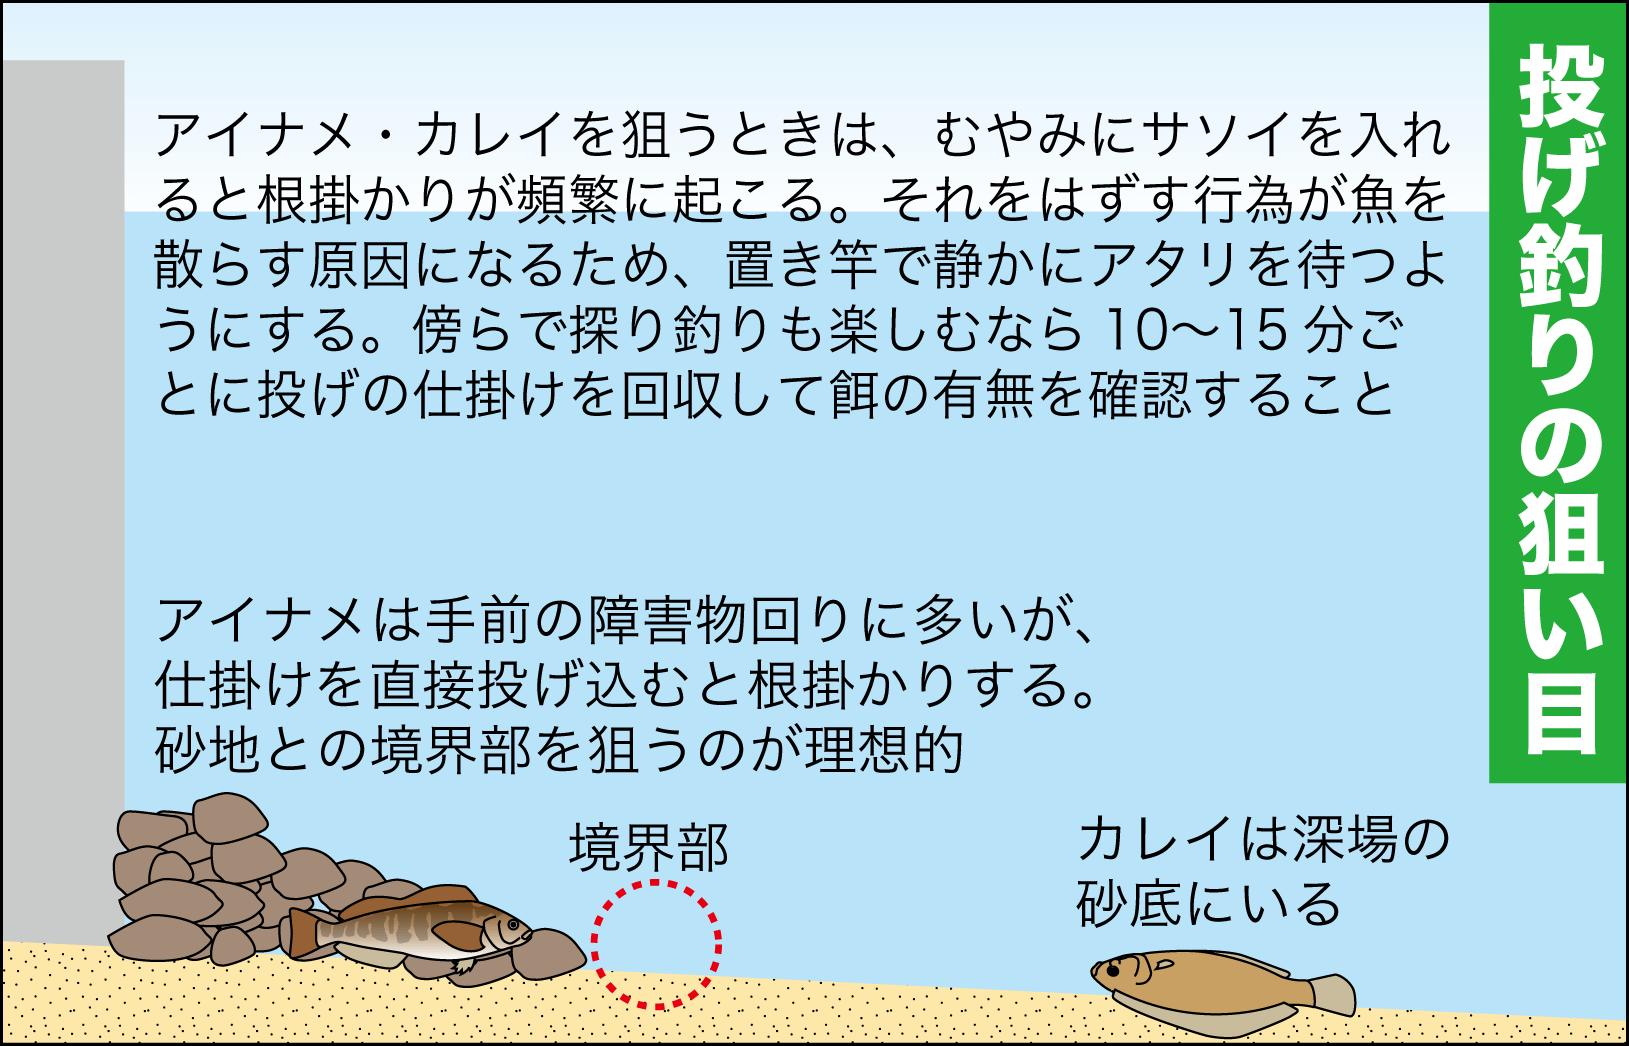 春の低コスト釣行1-13